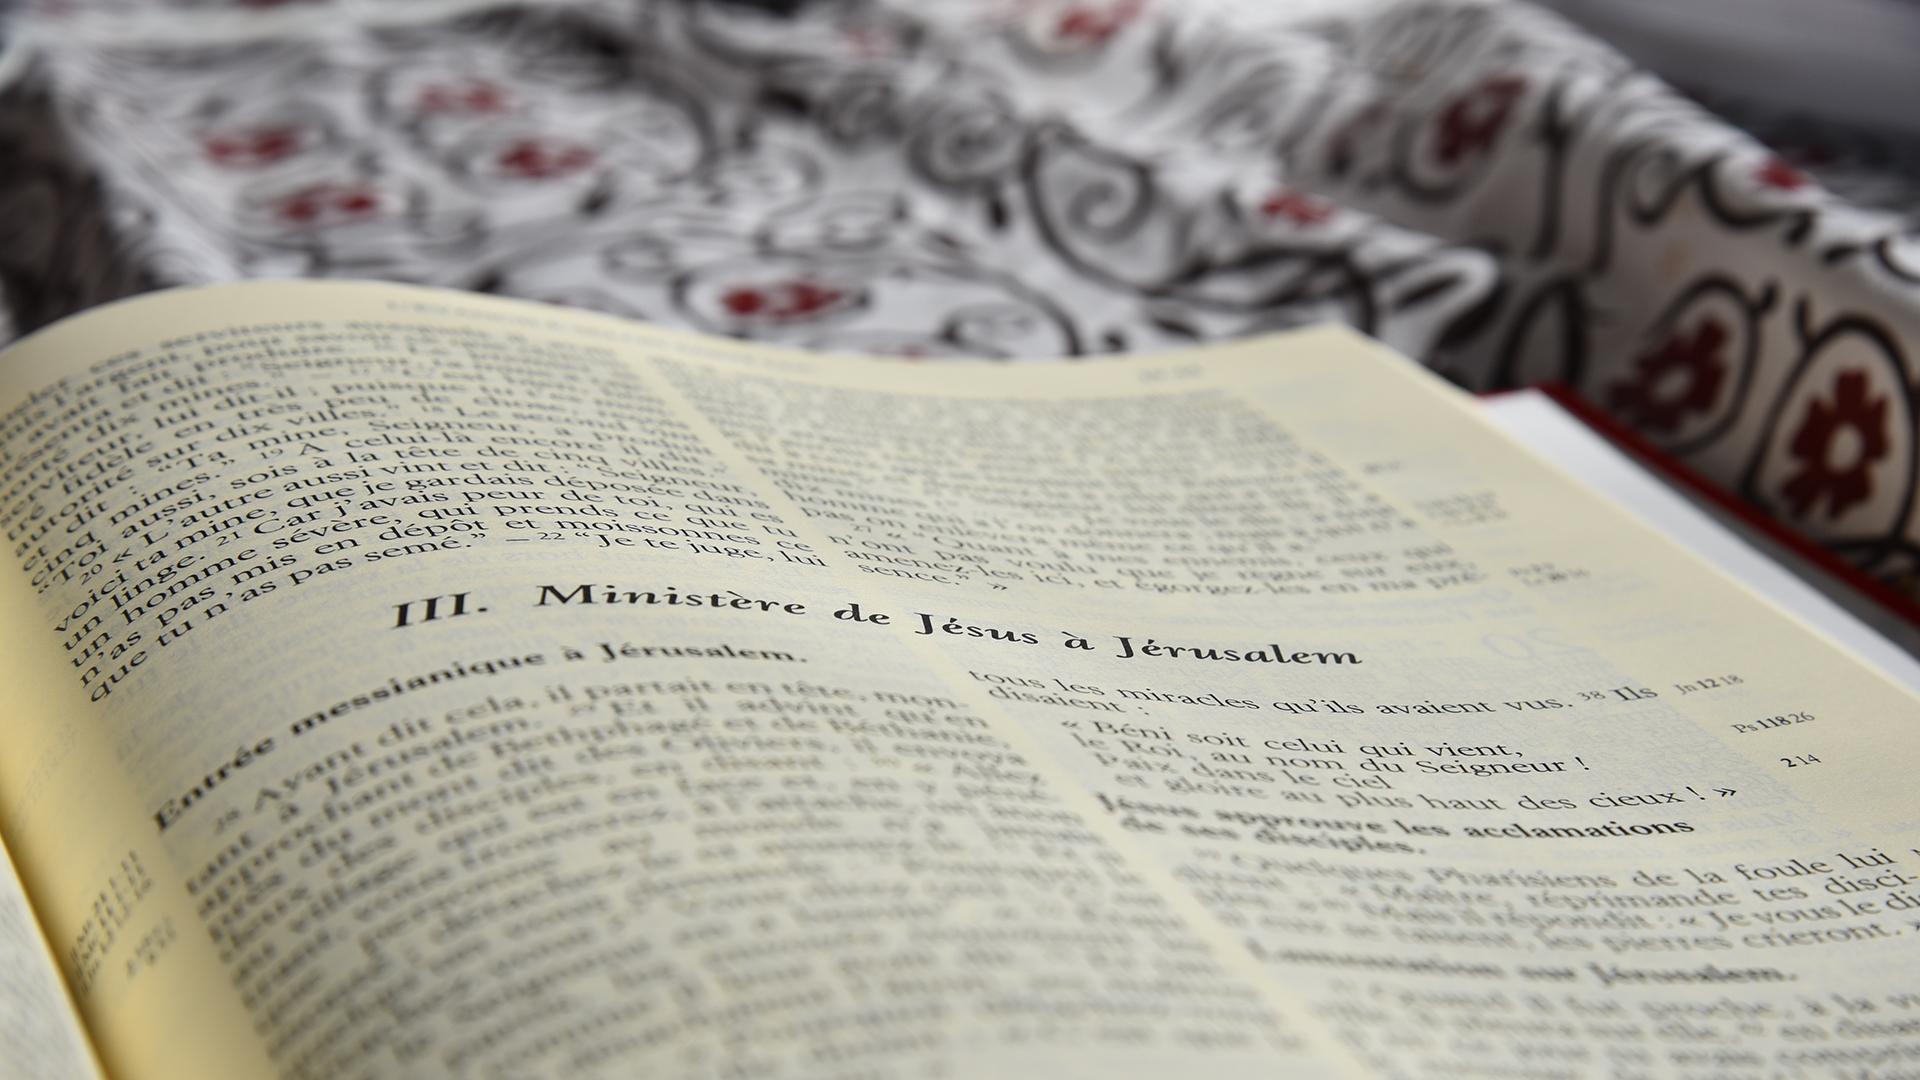 Prier avec la bible marie christine varone - Table pastorale de la bible en ligne ...